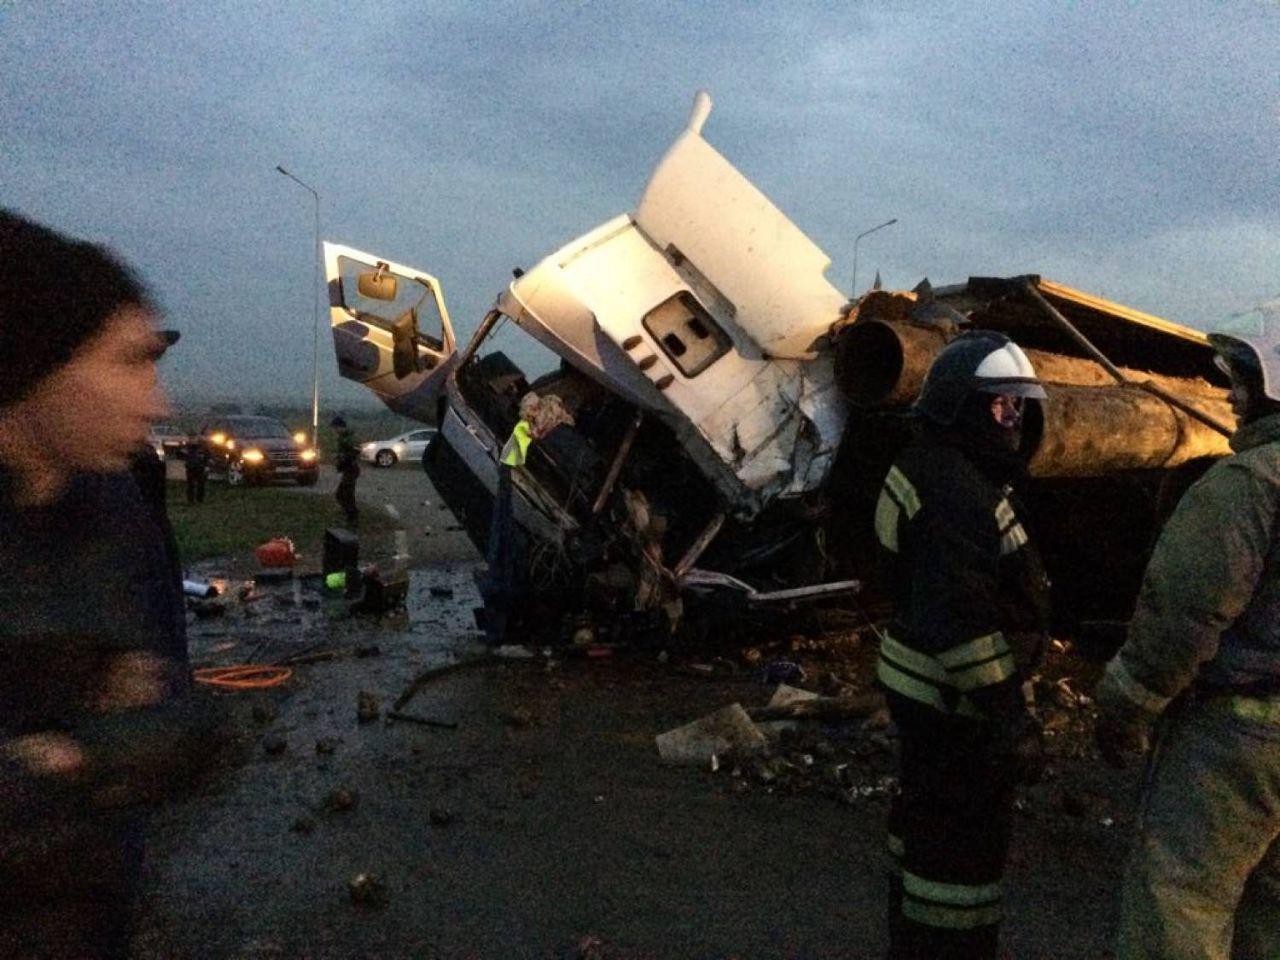 ВТатарстане вДТП с 2-мя грузовиками легковую машину завалило высыпавшимися трубами